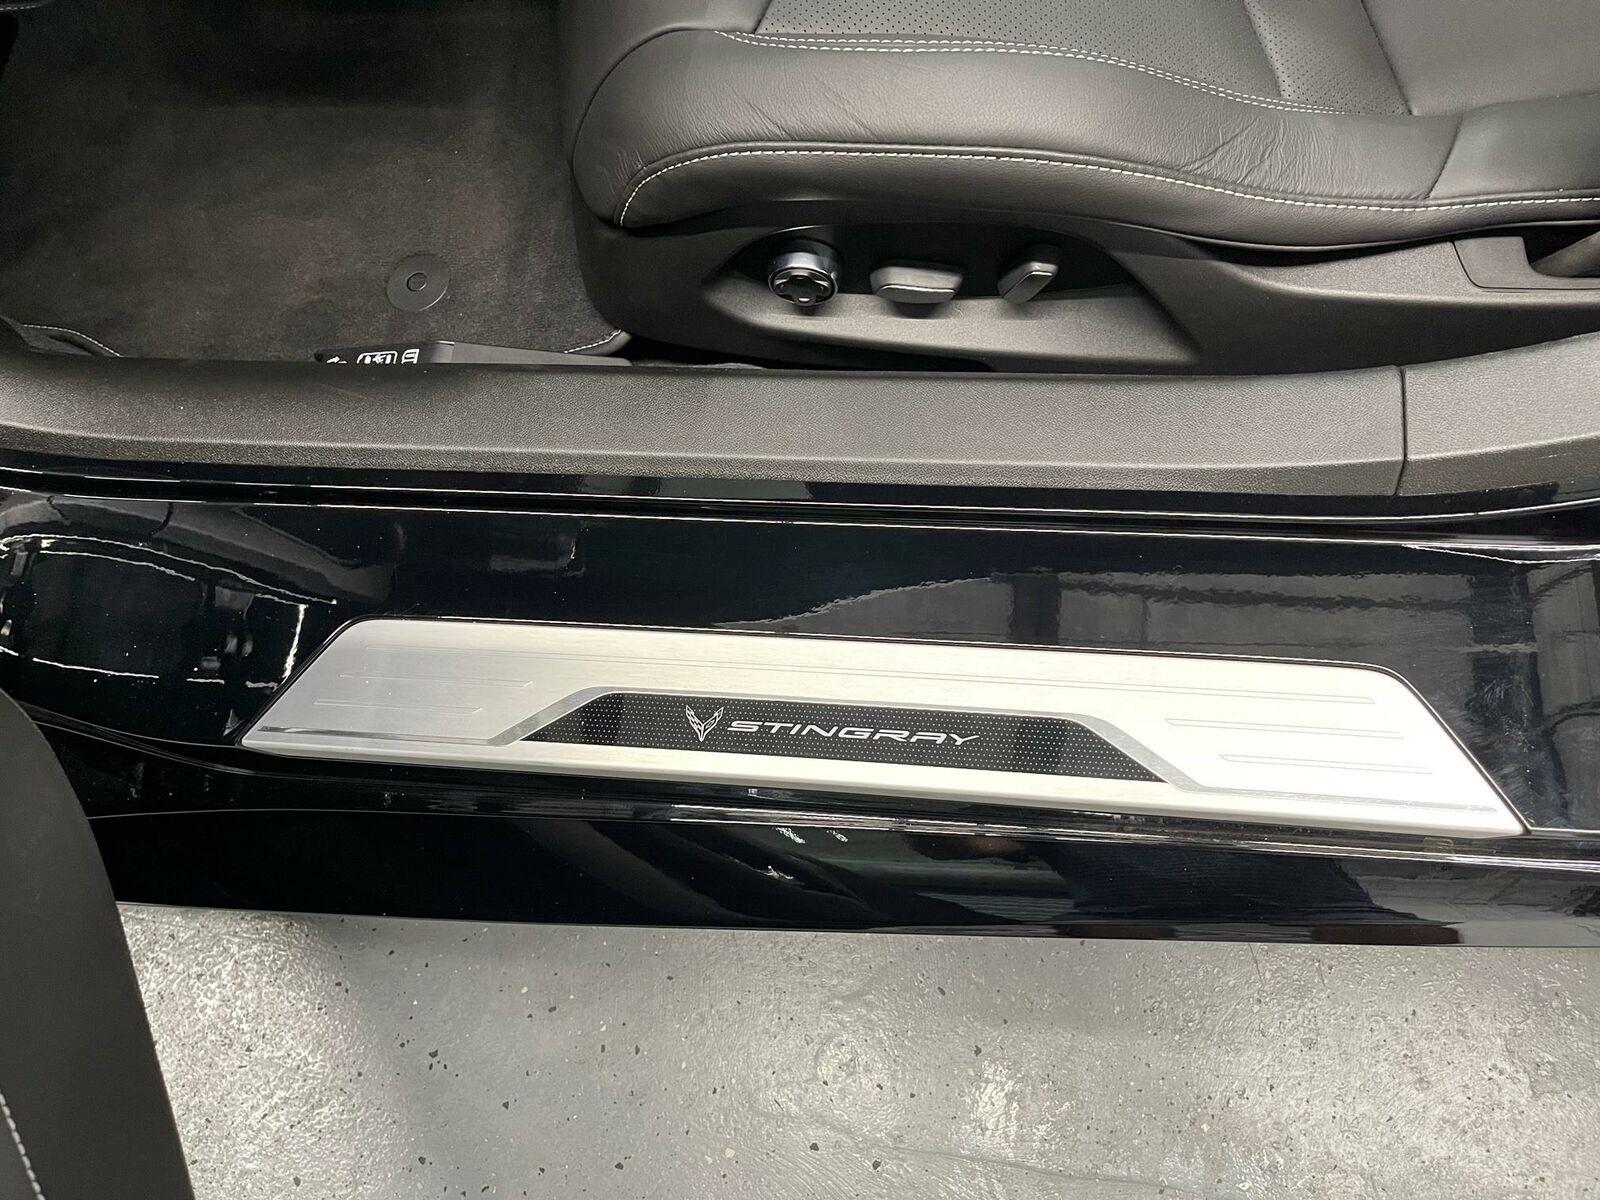 2021 Black Chevrolet Corvette  2LT | C7 Corvette Photo 9